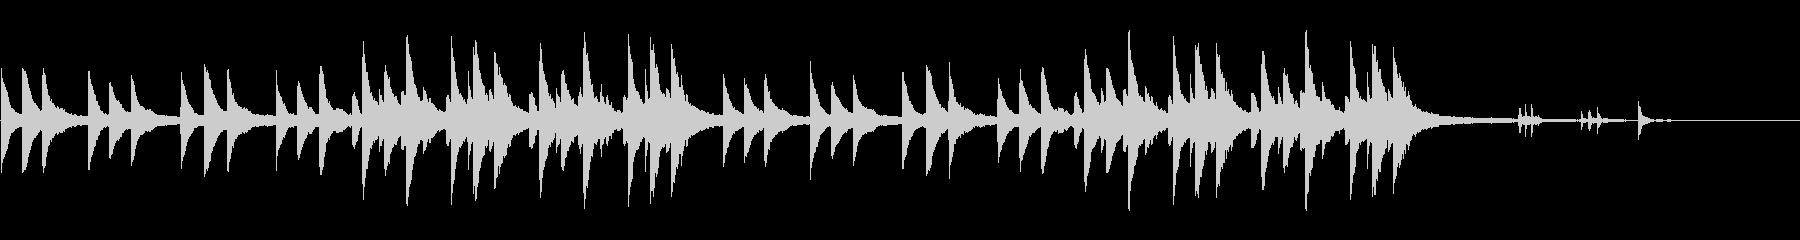 悲しいシーンのBGM ピアノインストの未再生の波形